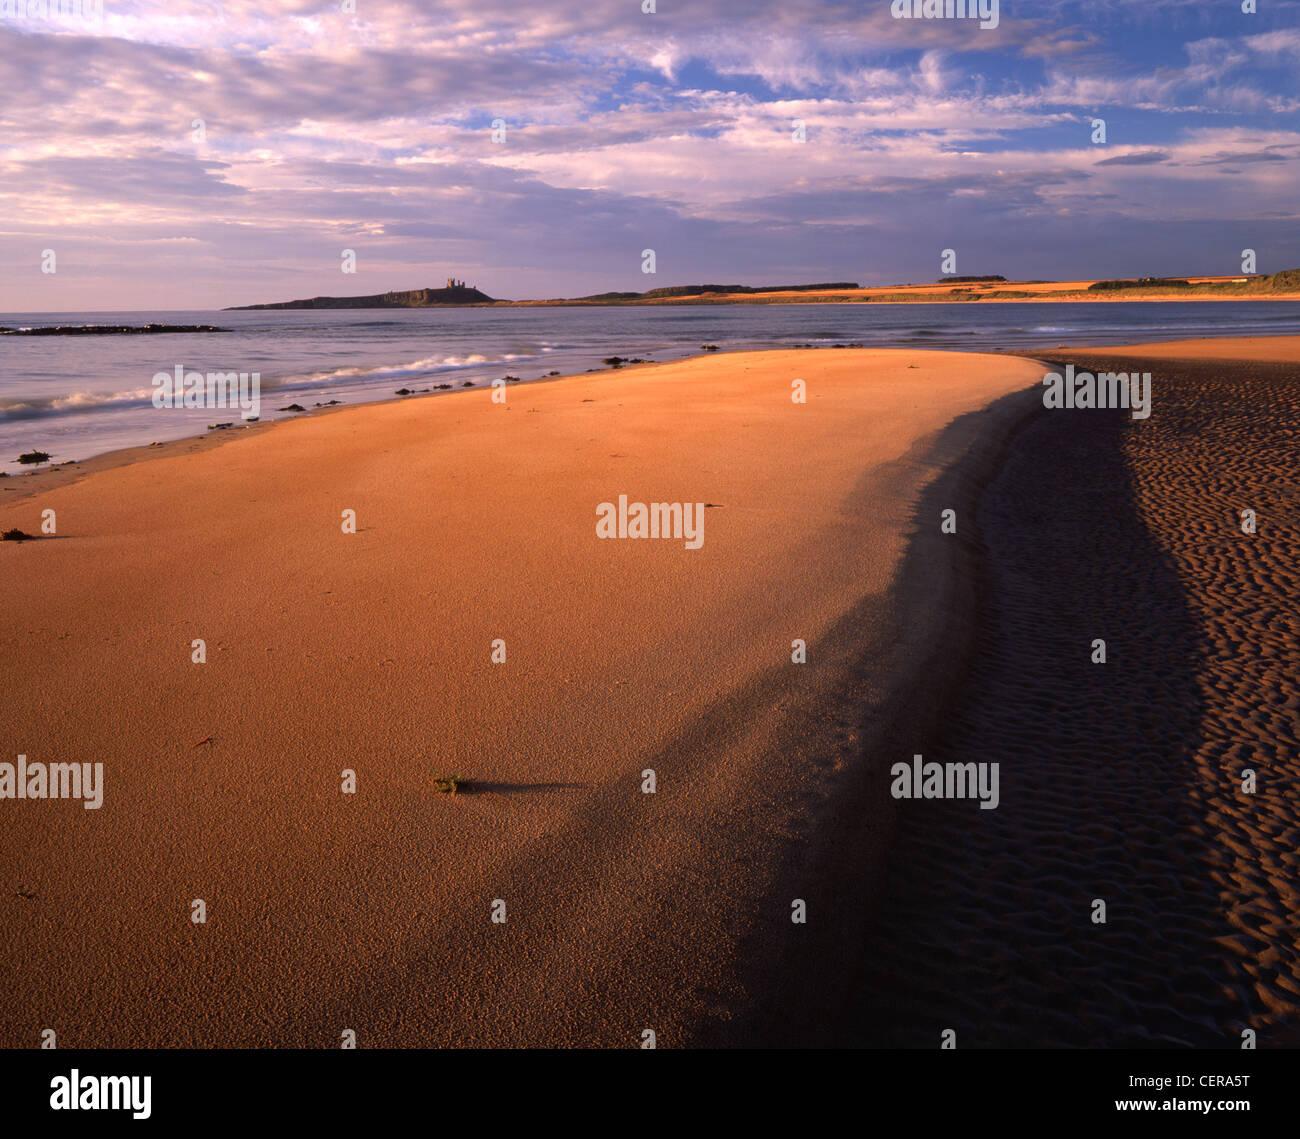 Las ruinas del castillo de Dunstanburgh constituyen el telón de fondo perfecto para las hermosas arenas de Imagen De Stock